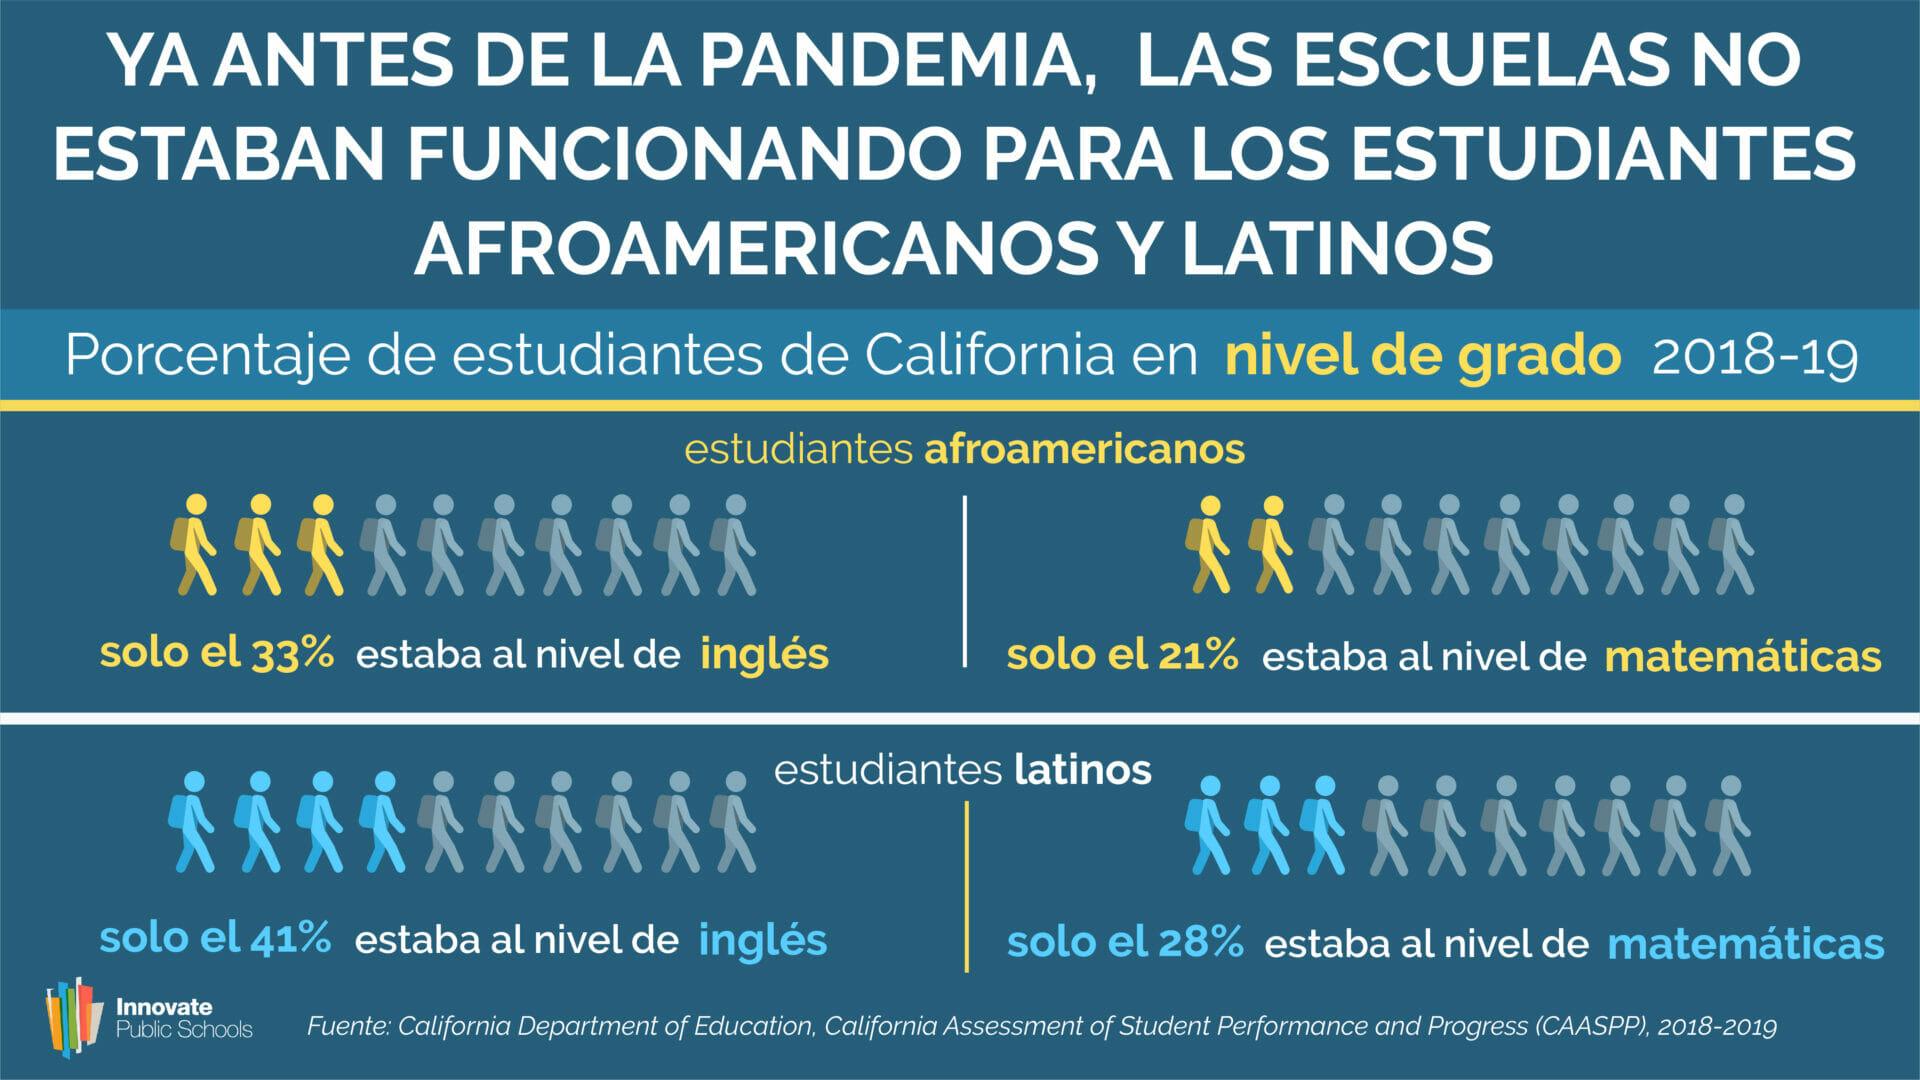 Las Escuelas No Funcionando para los Estudiantes Afroamericanos y Latinos